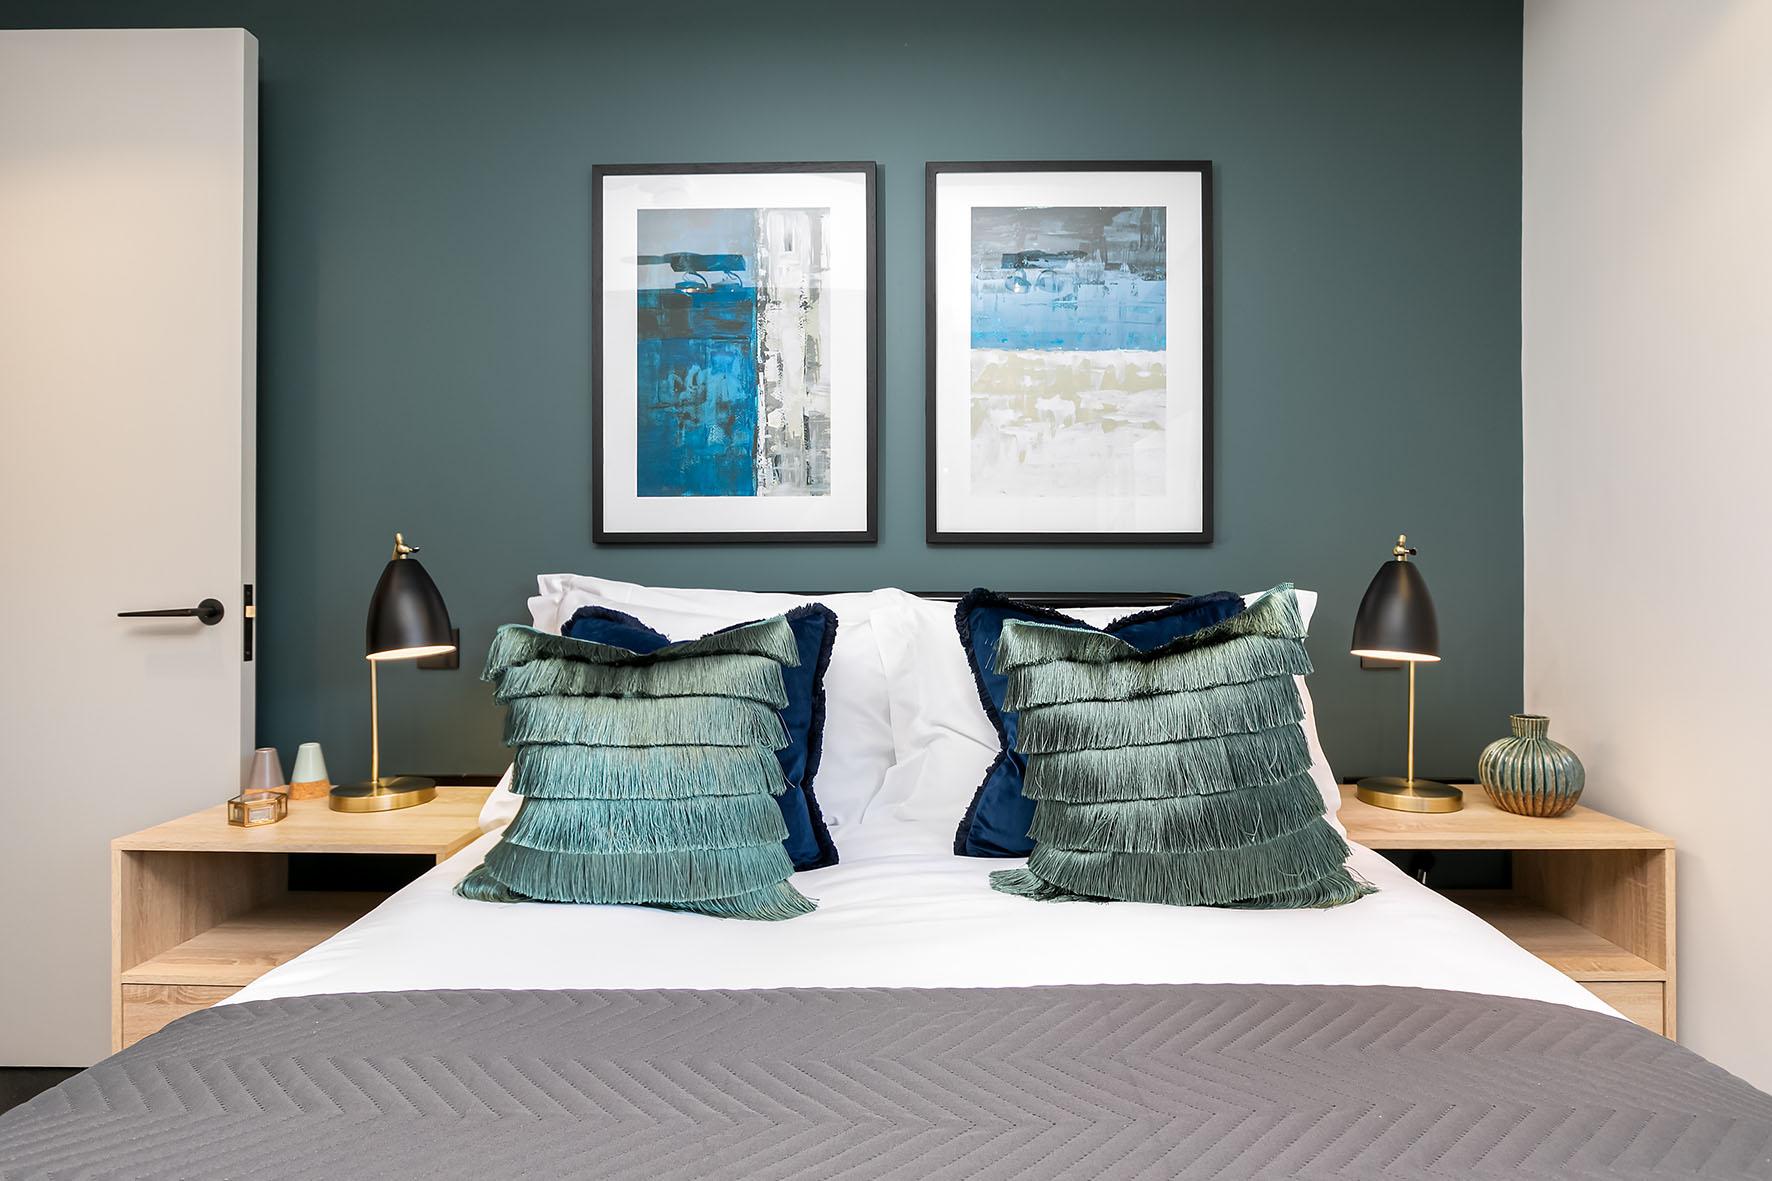 Lovelydays luxury service apartment rental - London - Soho - Noel Street VI - Lovelysuite - 2 bedrooms - 2 bathrooms - Queen bed - 5ce85551d57e - Lovelydays